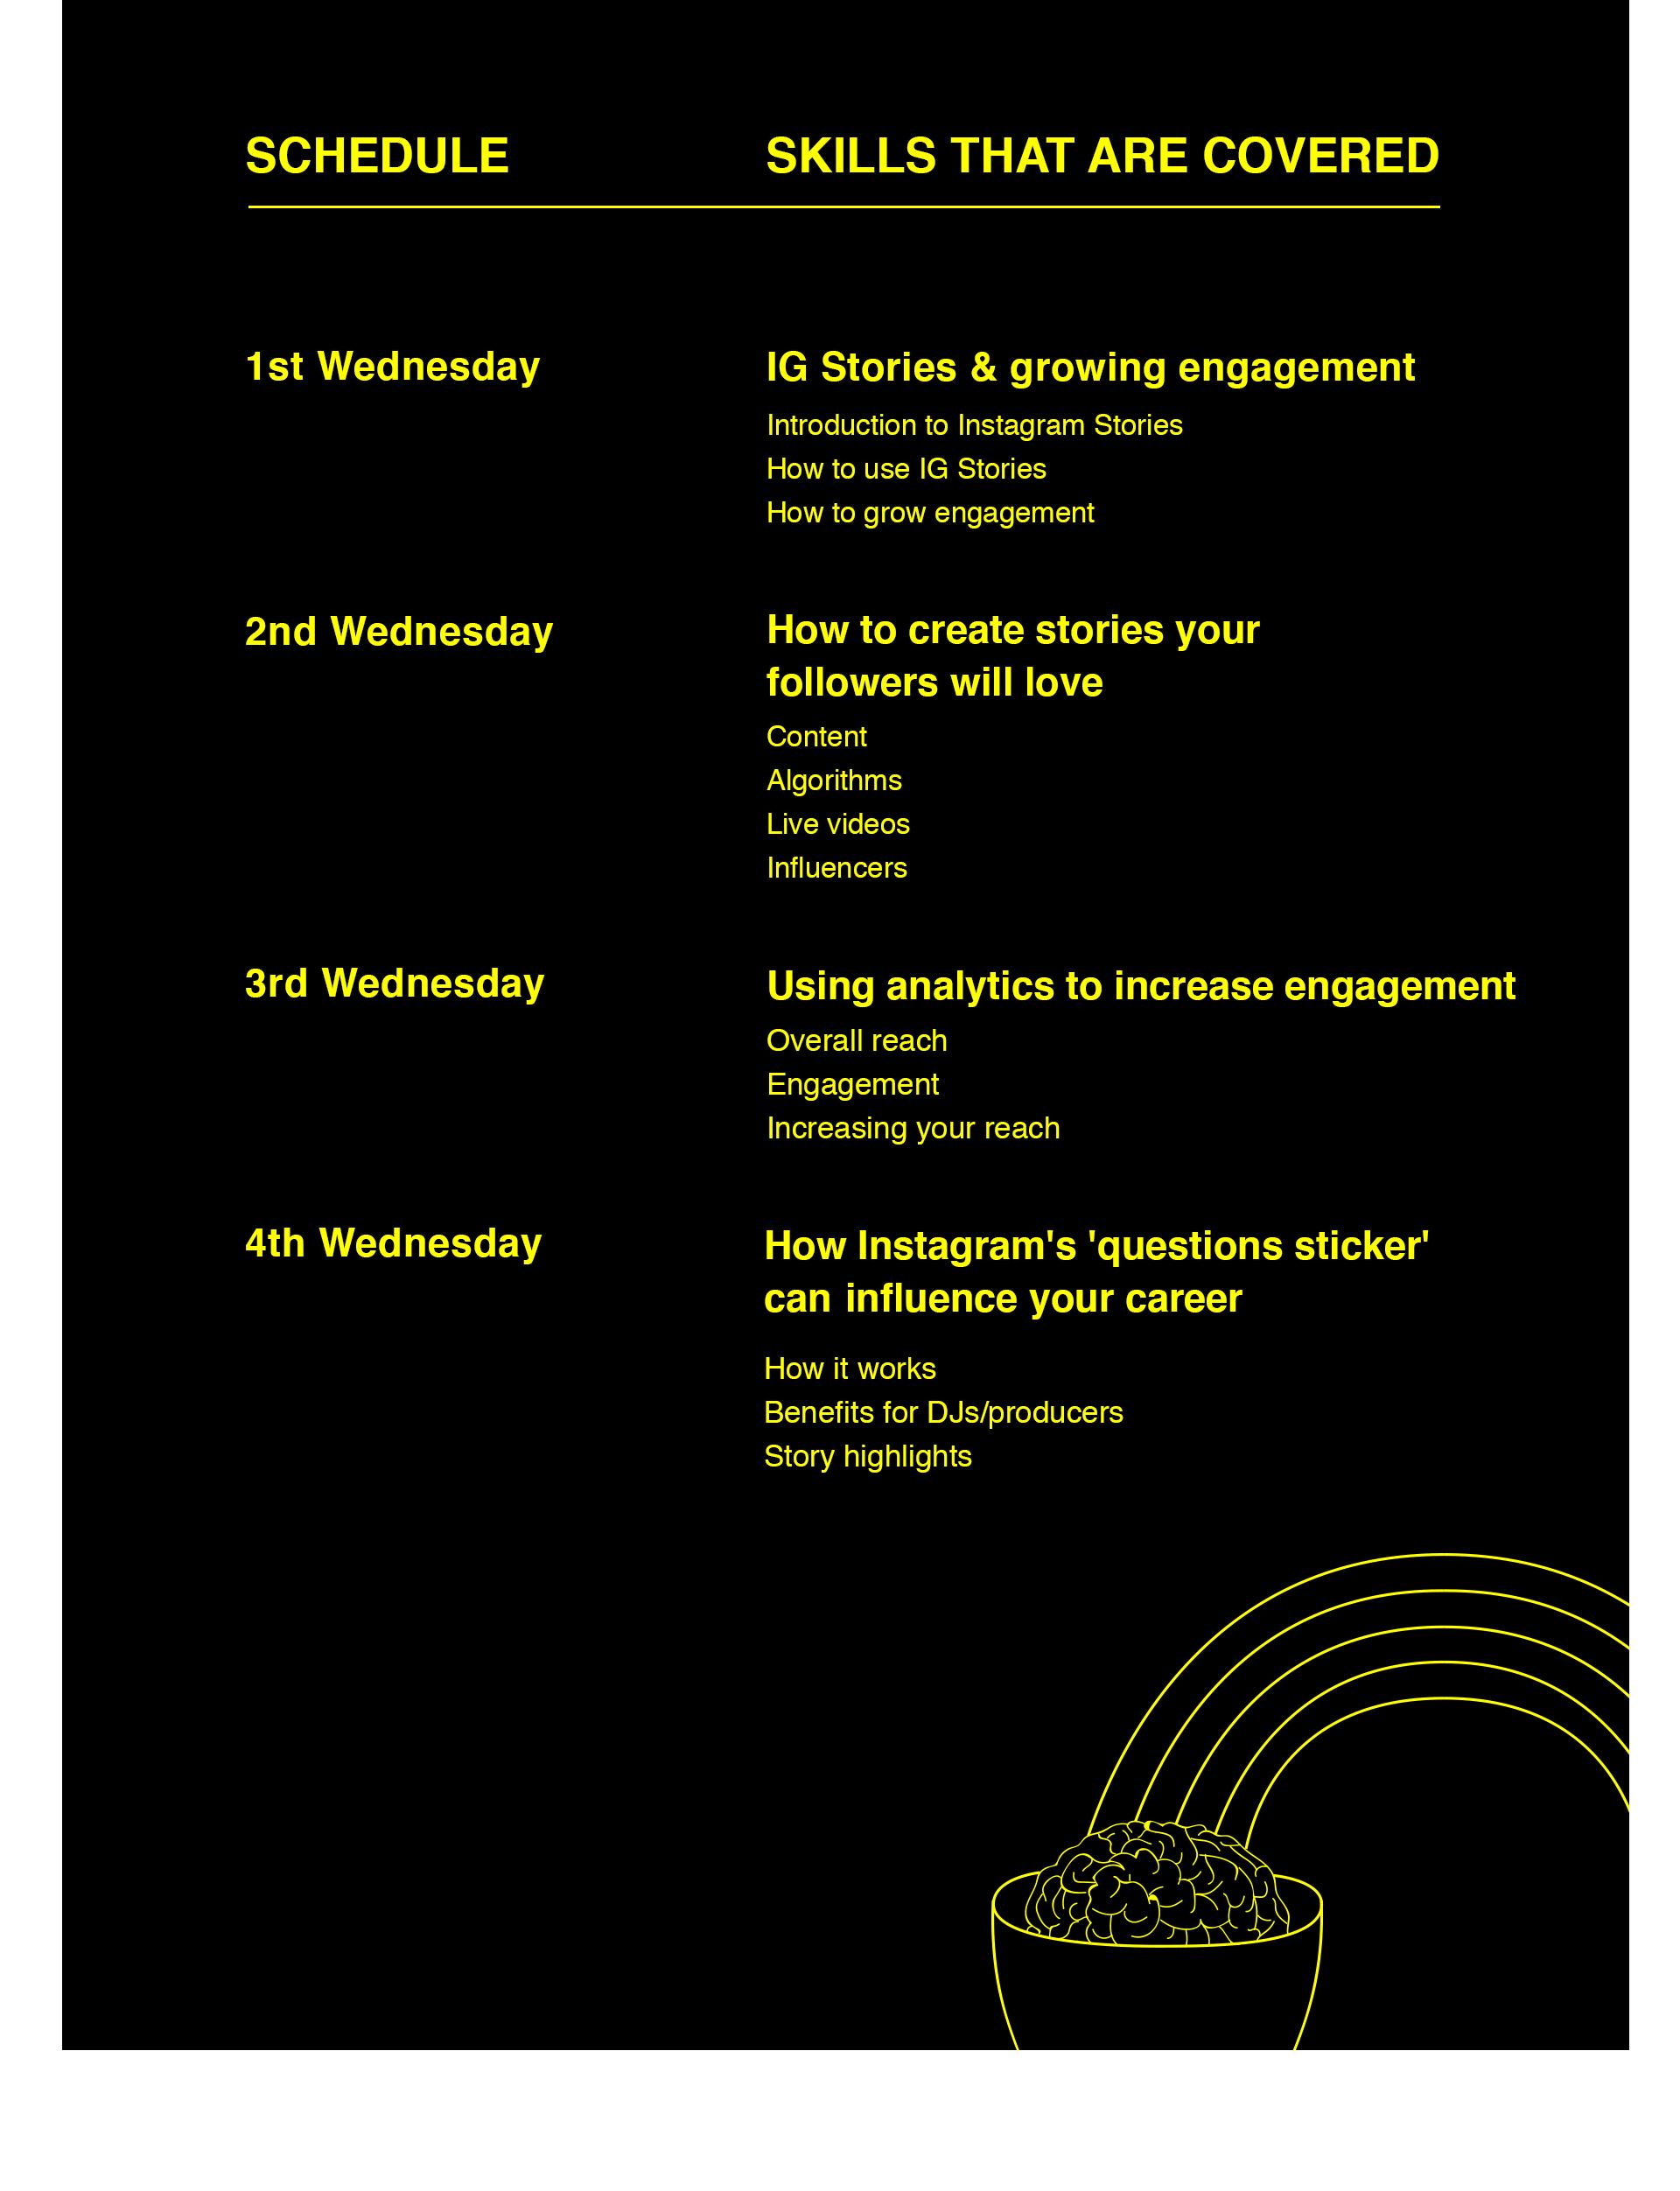 Schedule Instagram Stories Course